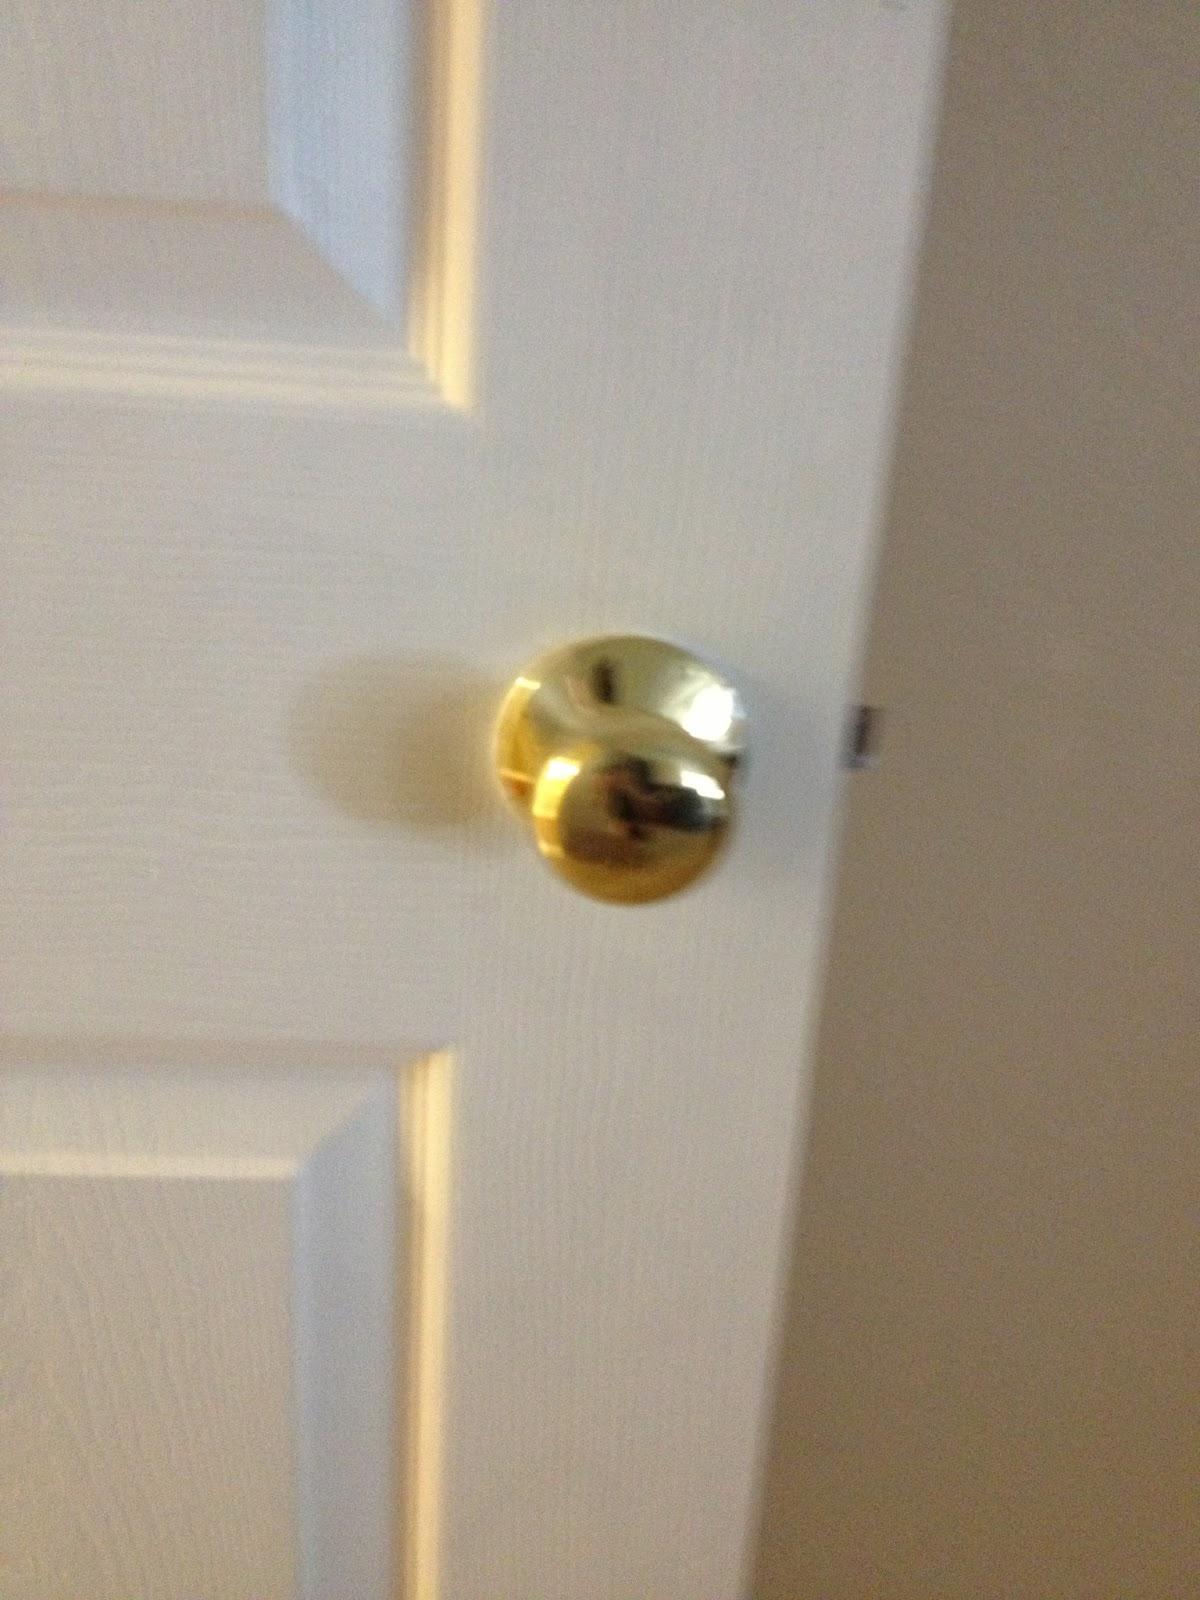 diy door knob photo - 9